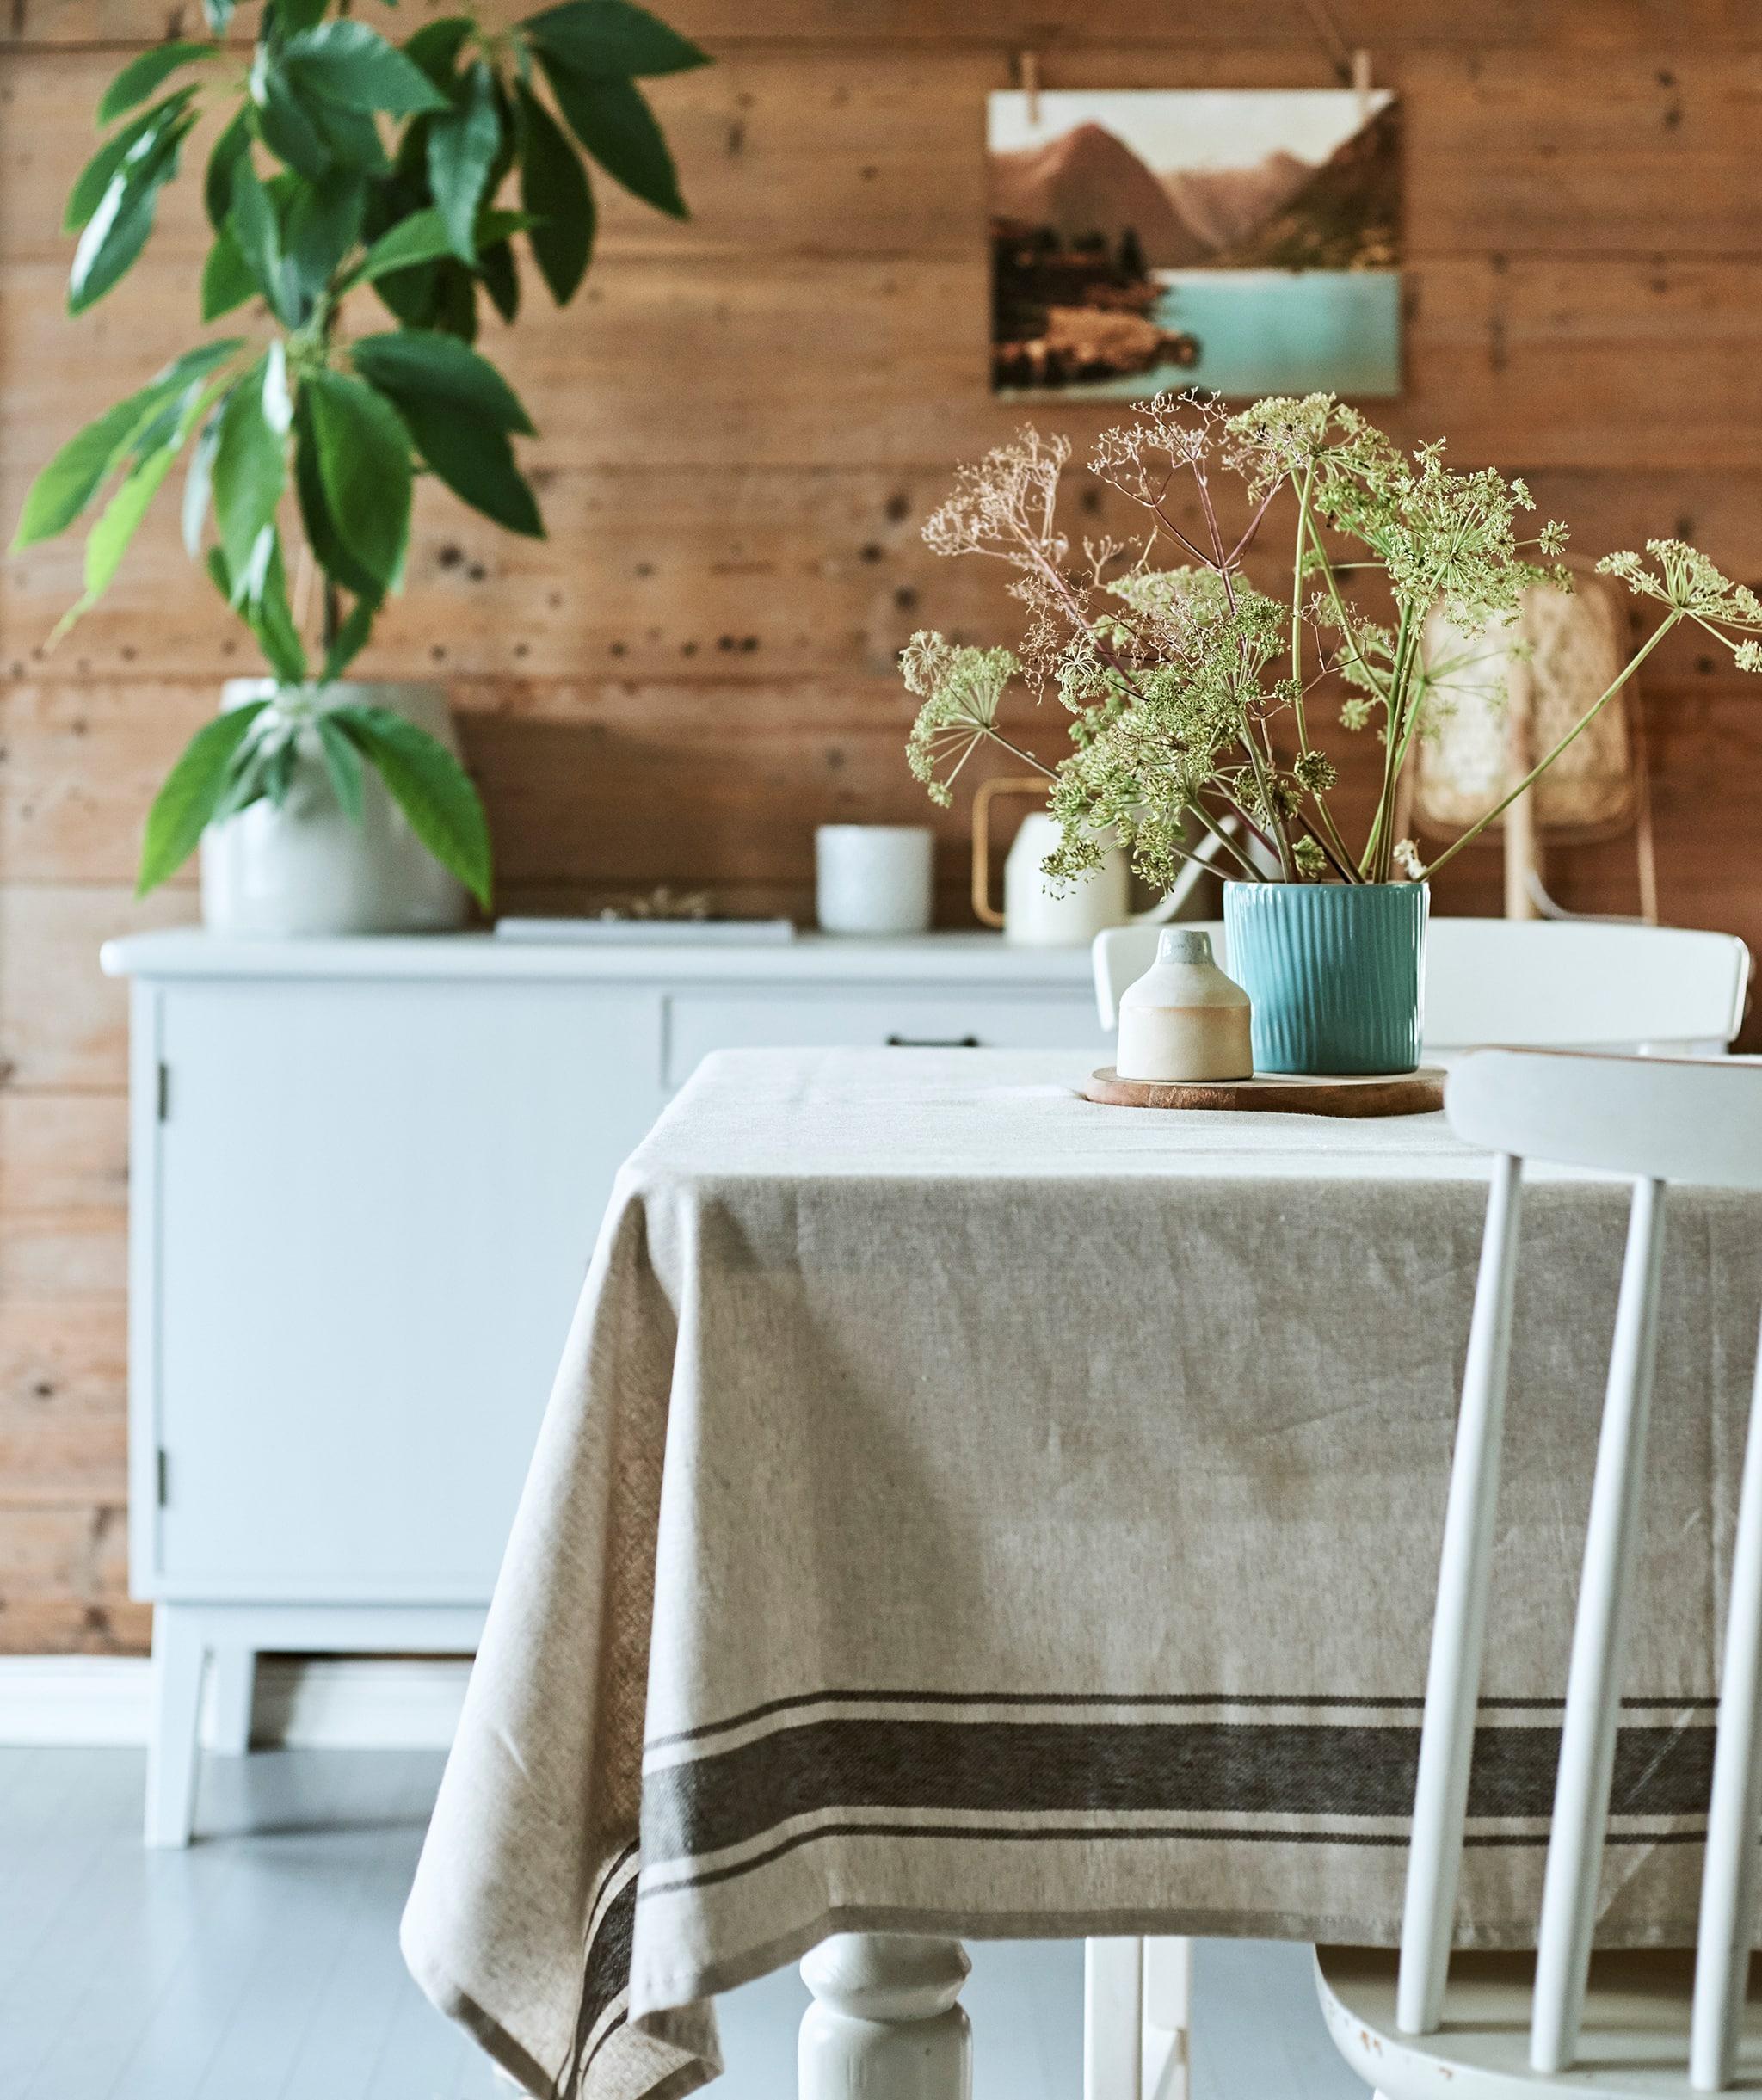 Ruang makan dengan gaya rustic yang berisi meja kayu yang ditutupi kain linen dan bunga-bunga liar dalam pot tanaman bergerigi berwarna biru yang diletakkan di tengah meja.